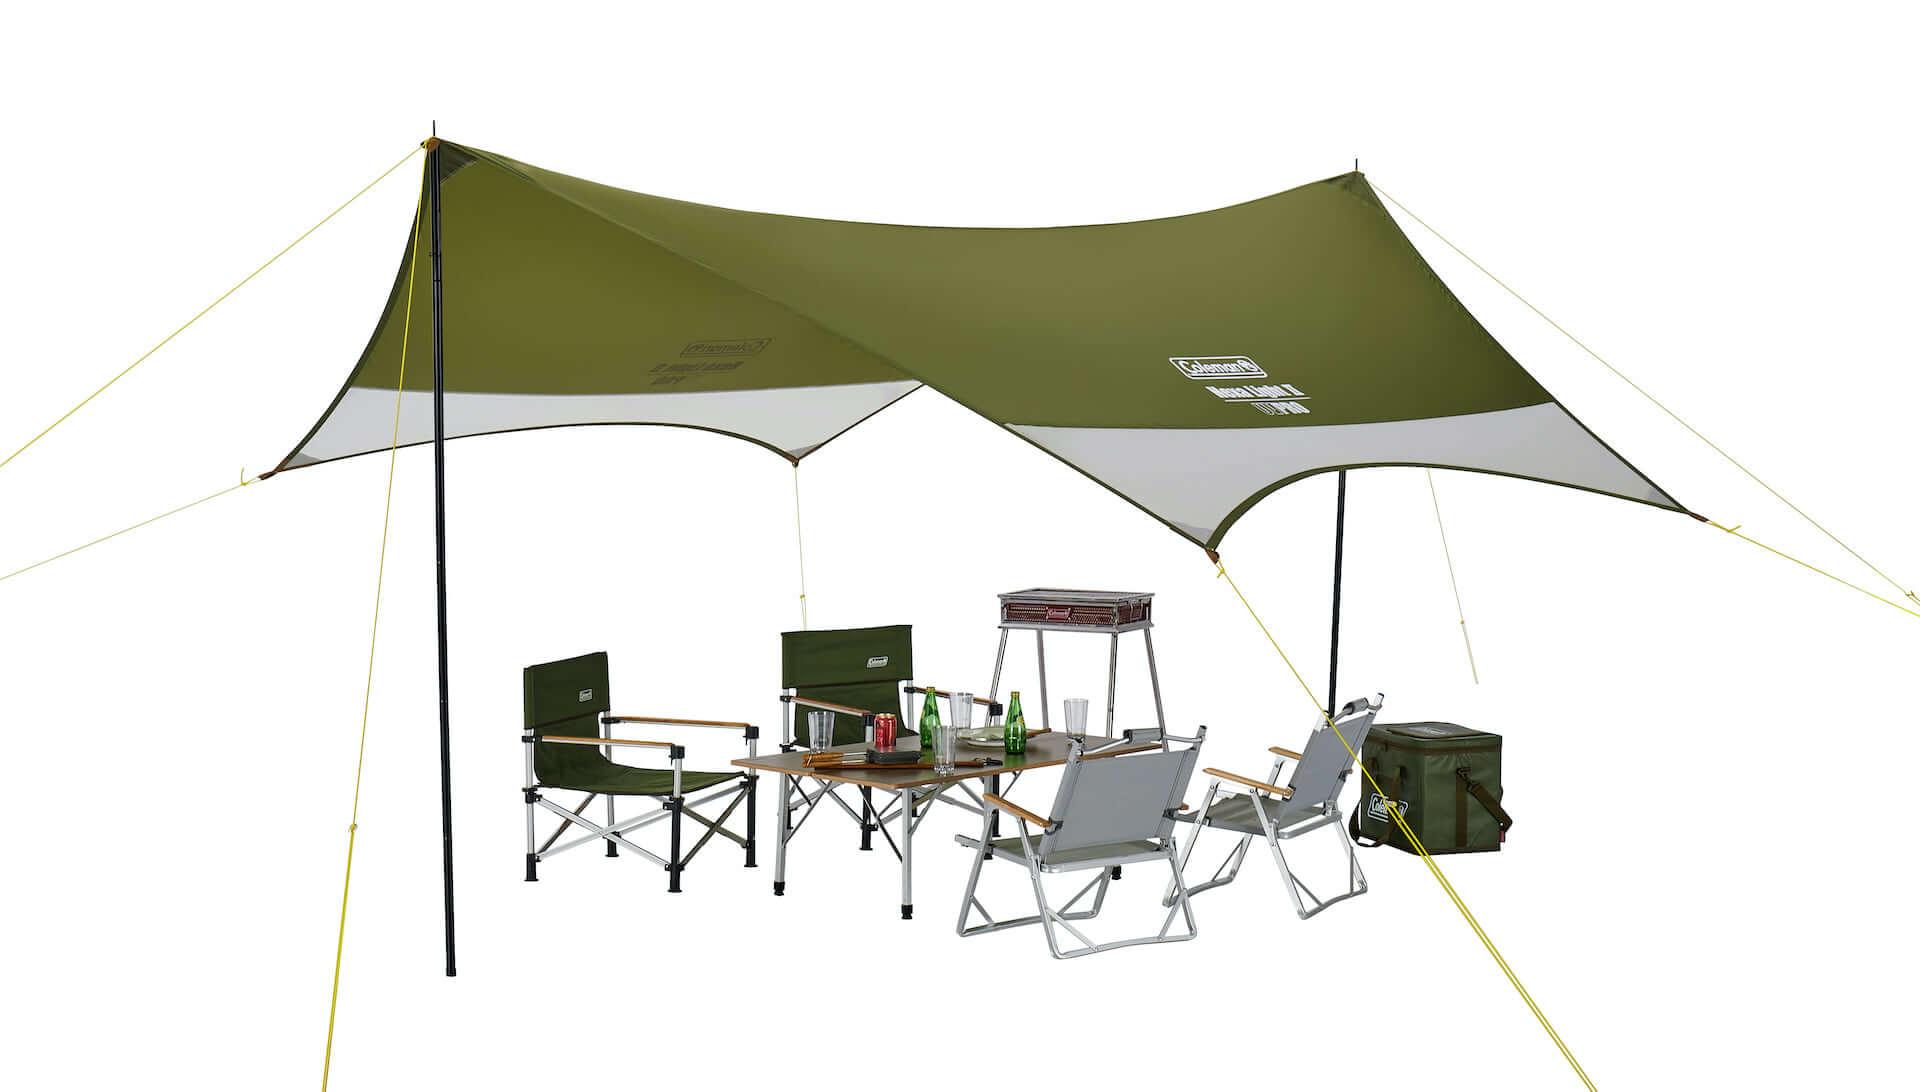 ソロキャンプにもおすすめなテント、ヘキサタープがコールマンから登場!『ツーリングドーム』『ヘキサライトⅡ』など全4種が発売決定 lf210114_coleman_7-1920x1092